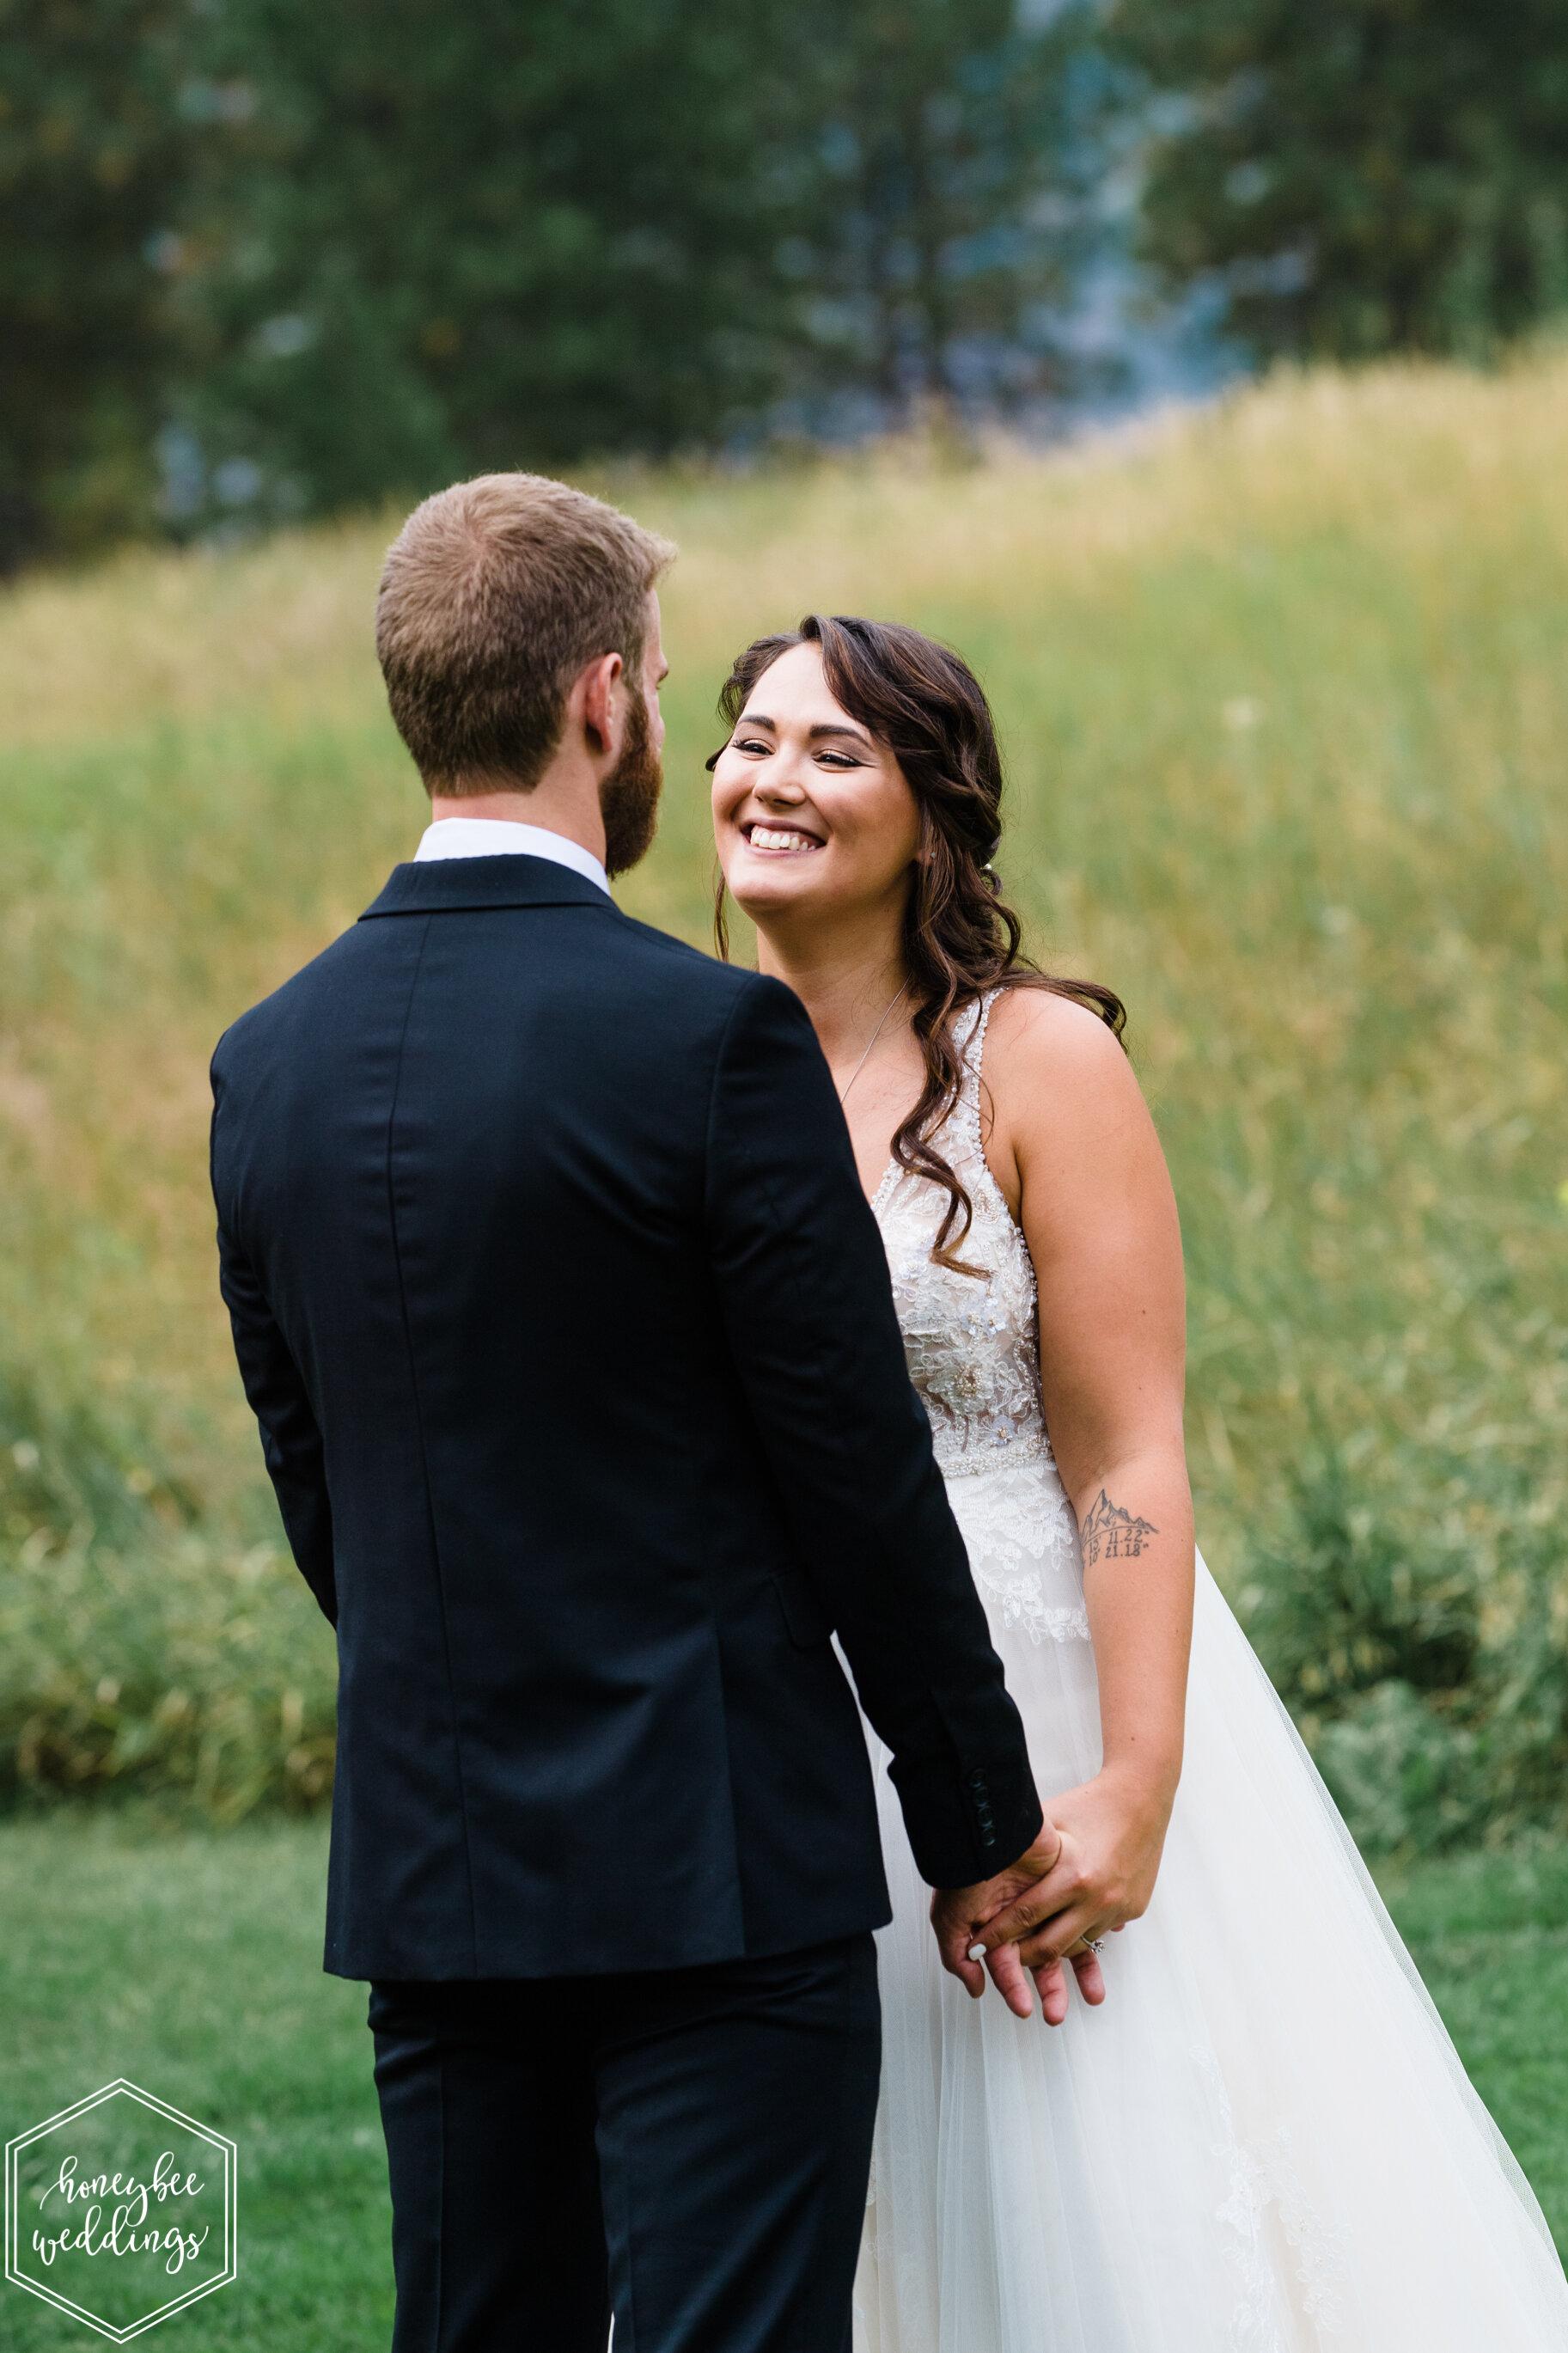 026White Raven Wedding_Montana Wedding Photographer_Corey & Corey_Honeybee Weddings_September 06, 2019-2103.jpg